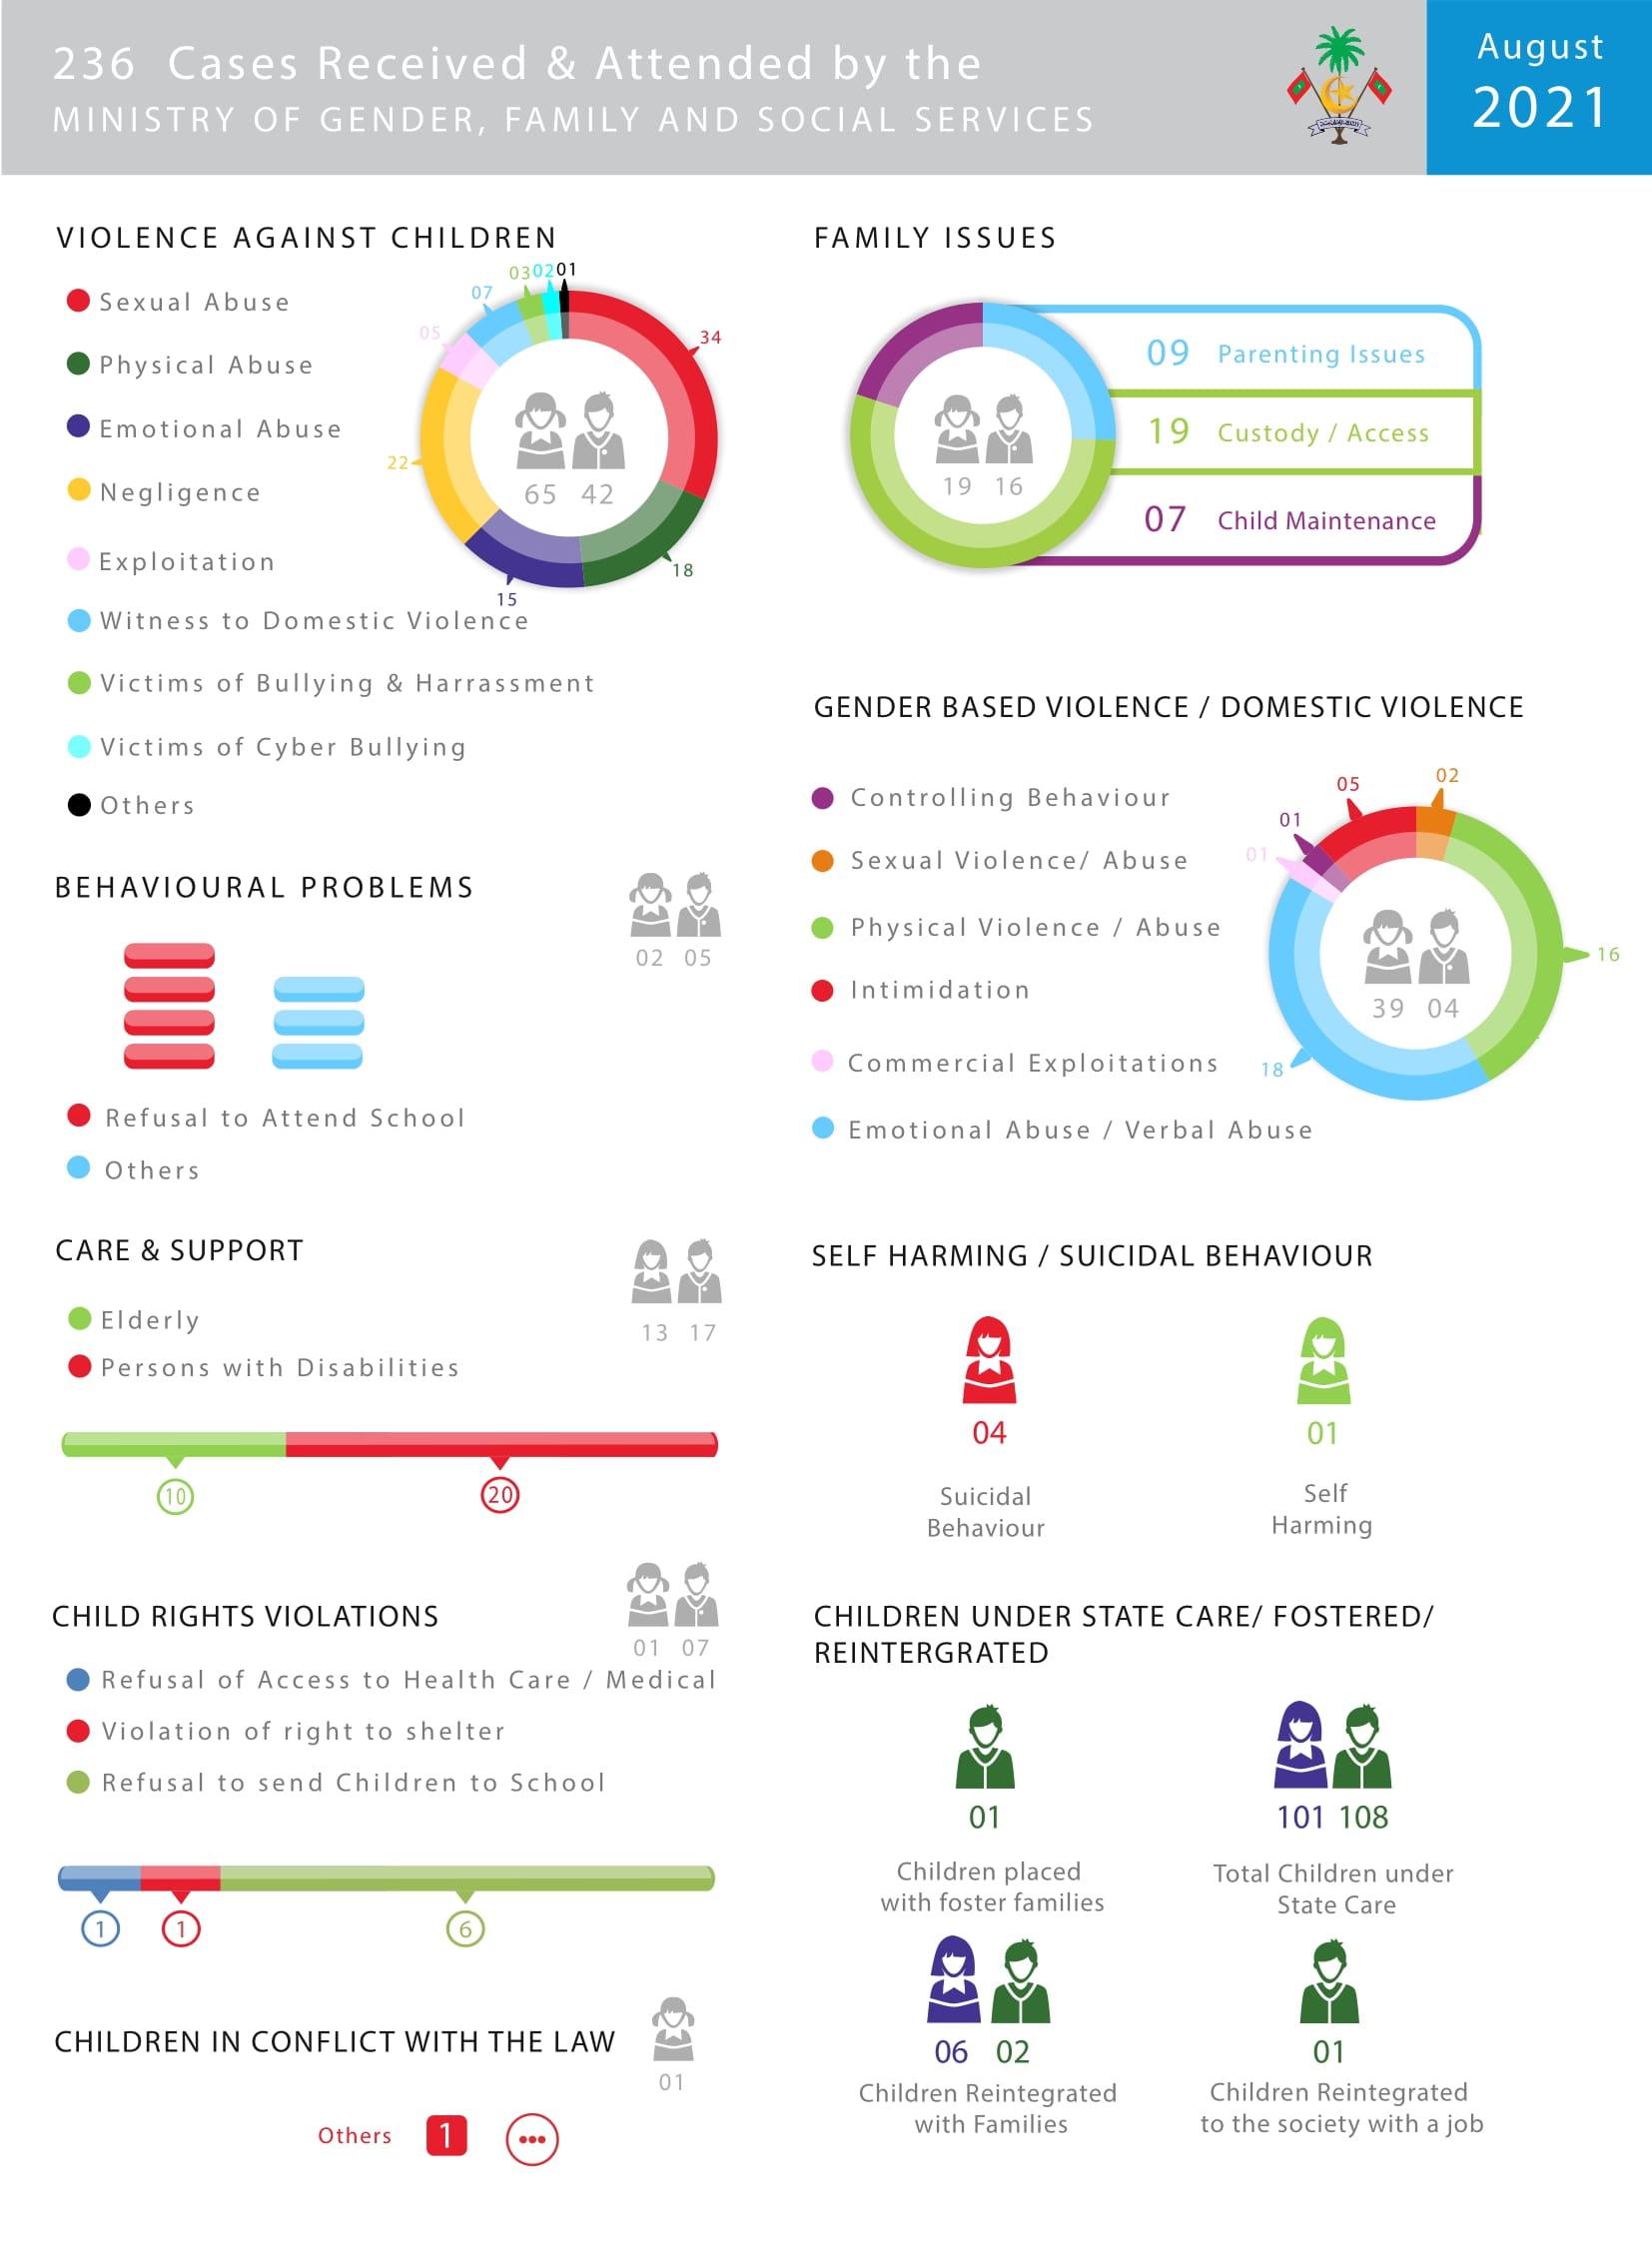 Aug 2021 Infography